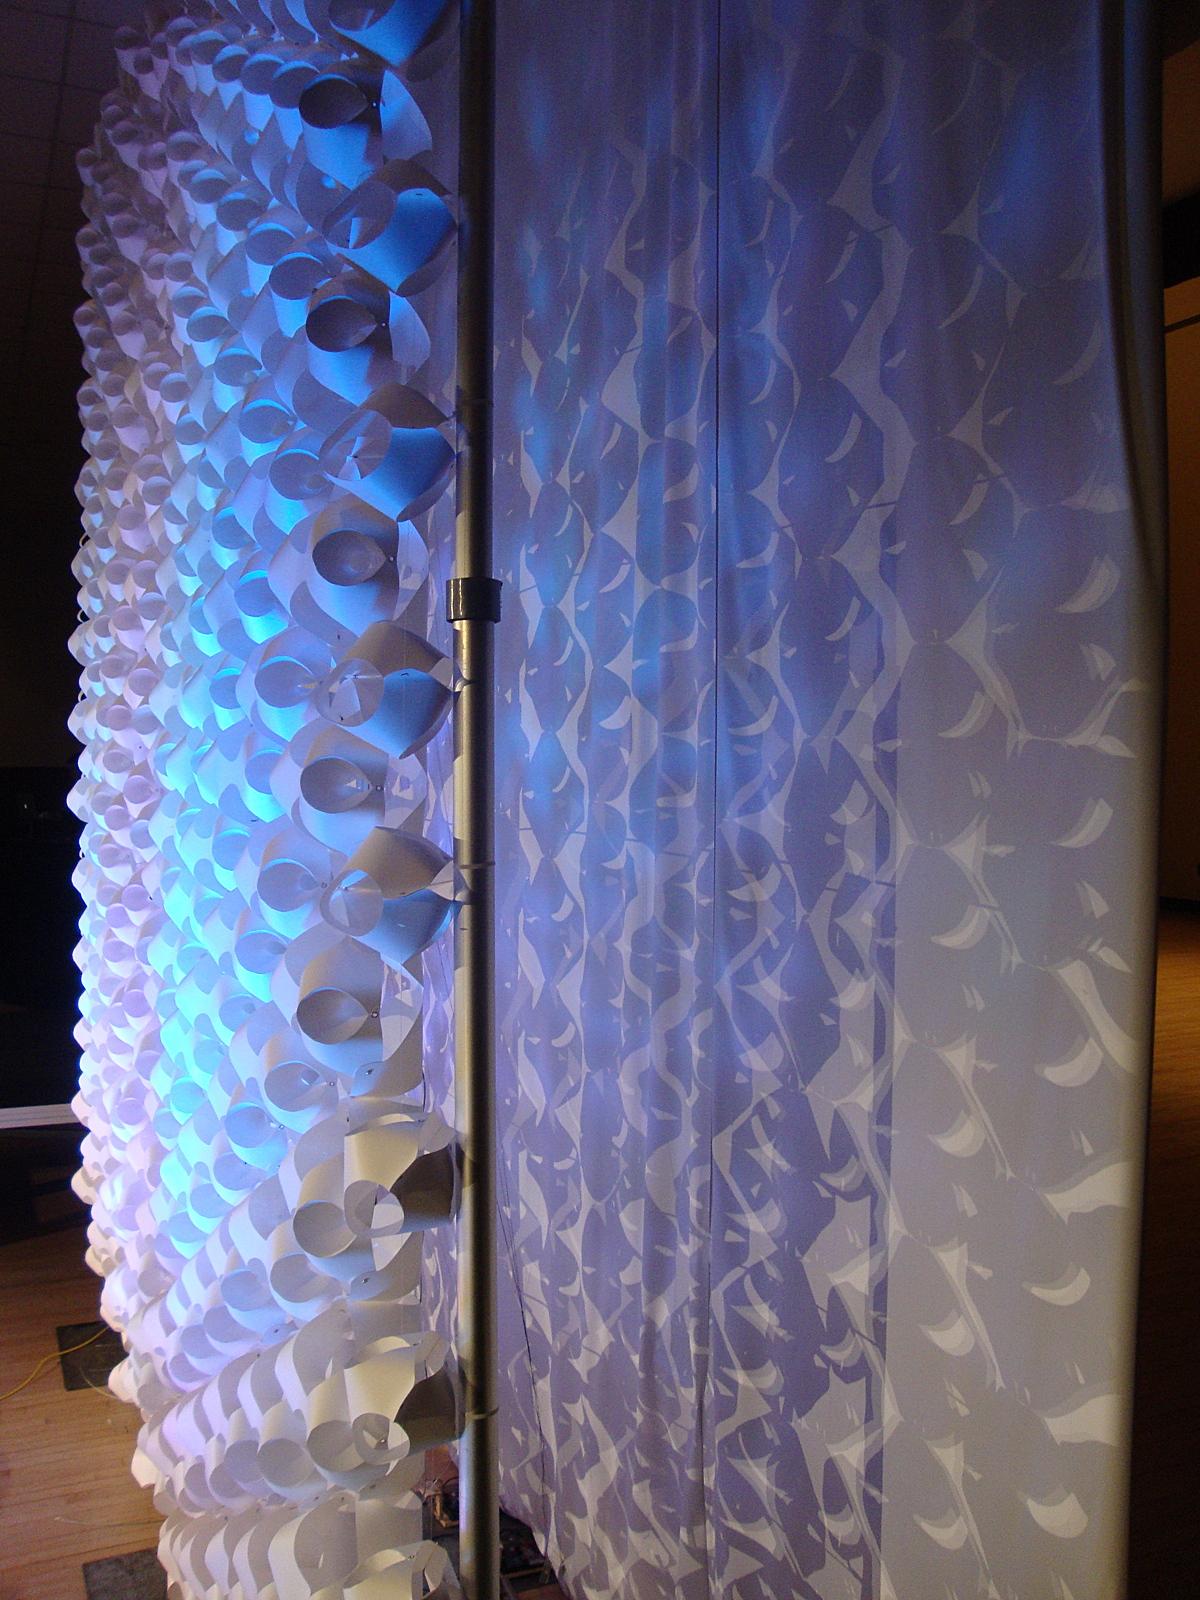 Lighting effects between panels